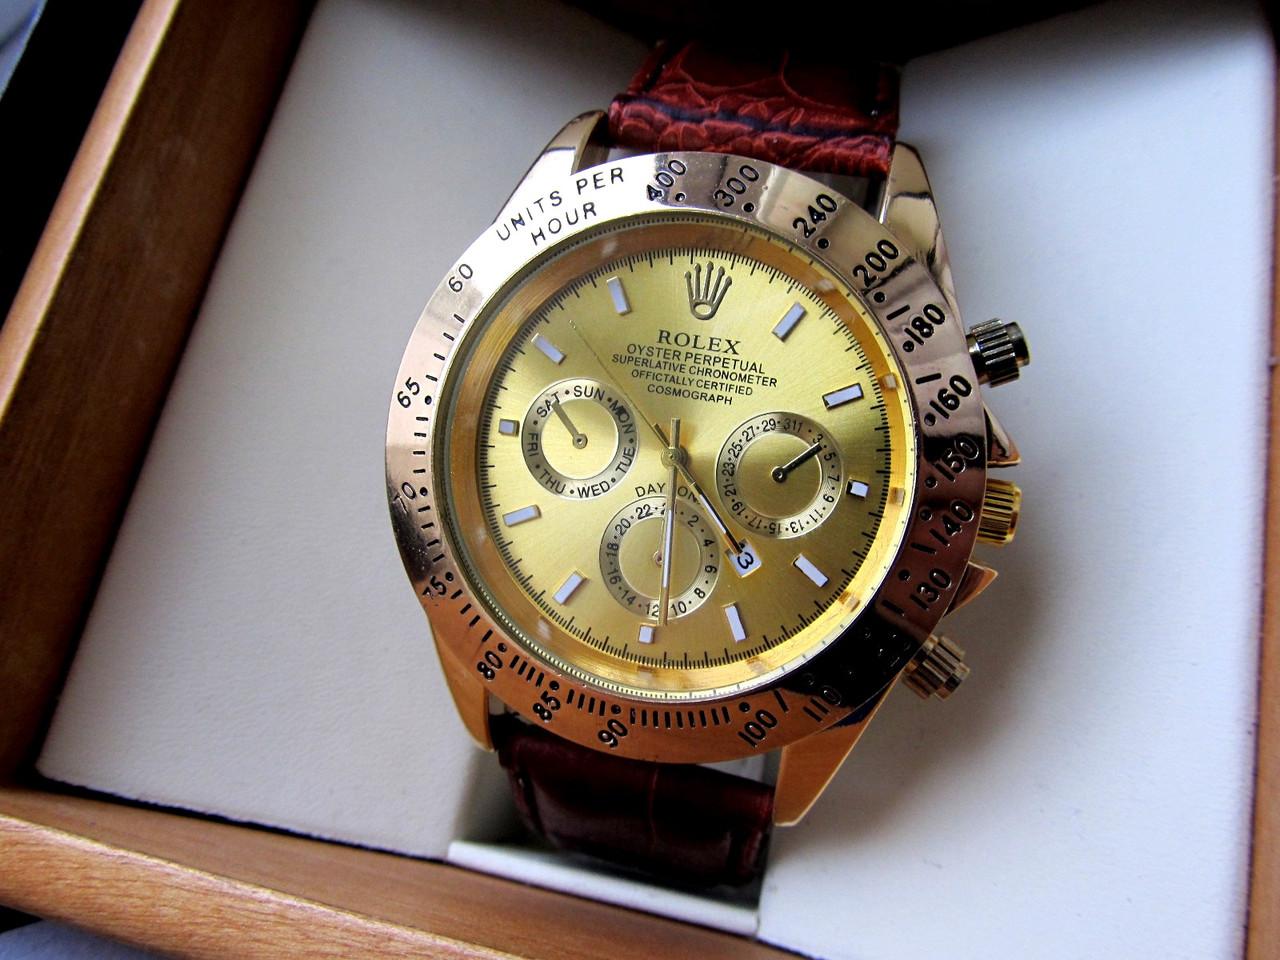 b804cd9f6ad2 Часы наручные Rolex Daytona золото с коричневым ремешком , мужские часы  интернет - Интернет-магазин